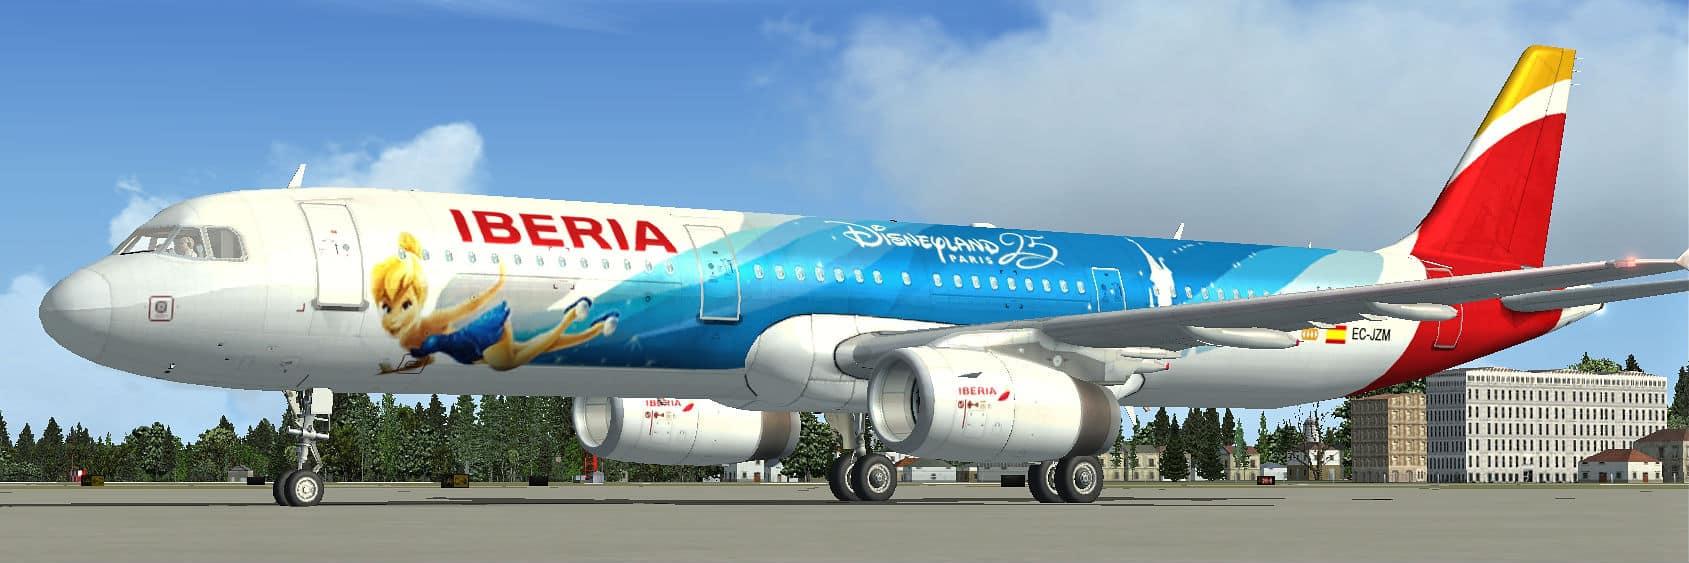 Perfect Flight fsx Missions A321 Lufthansa